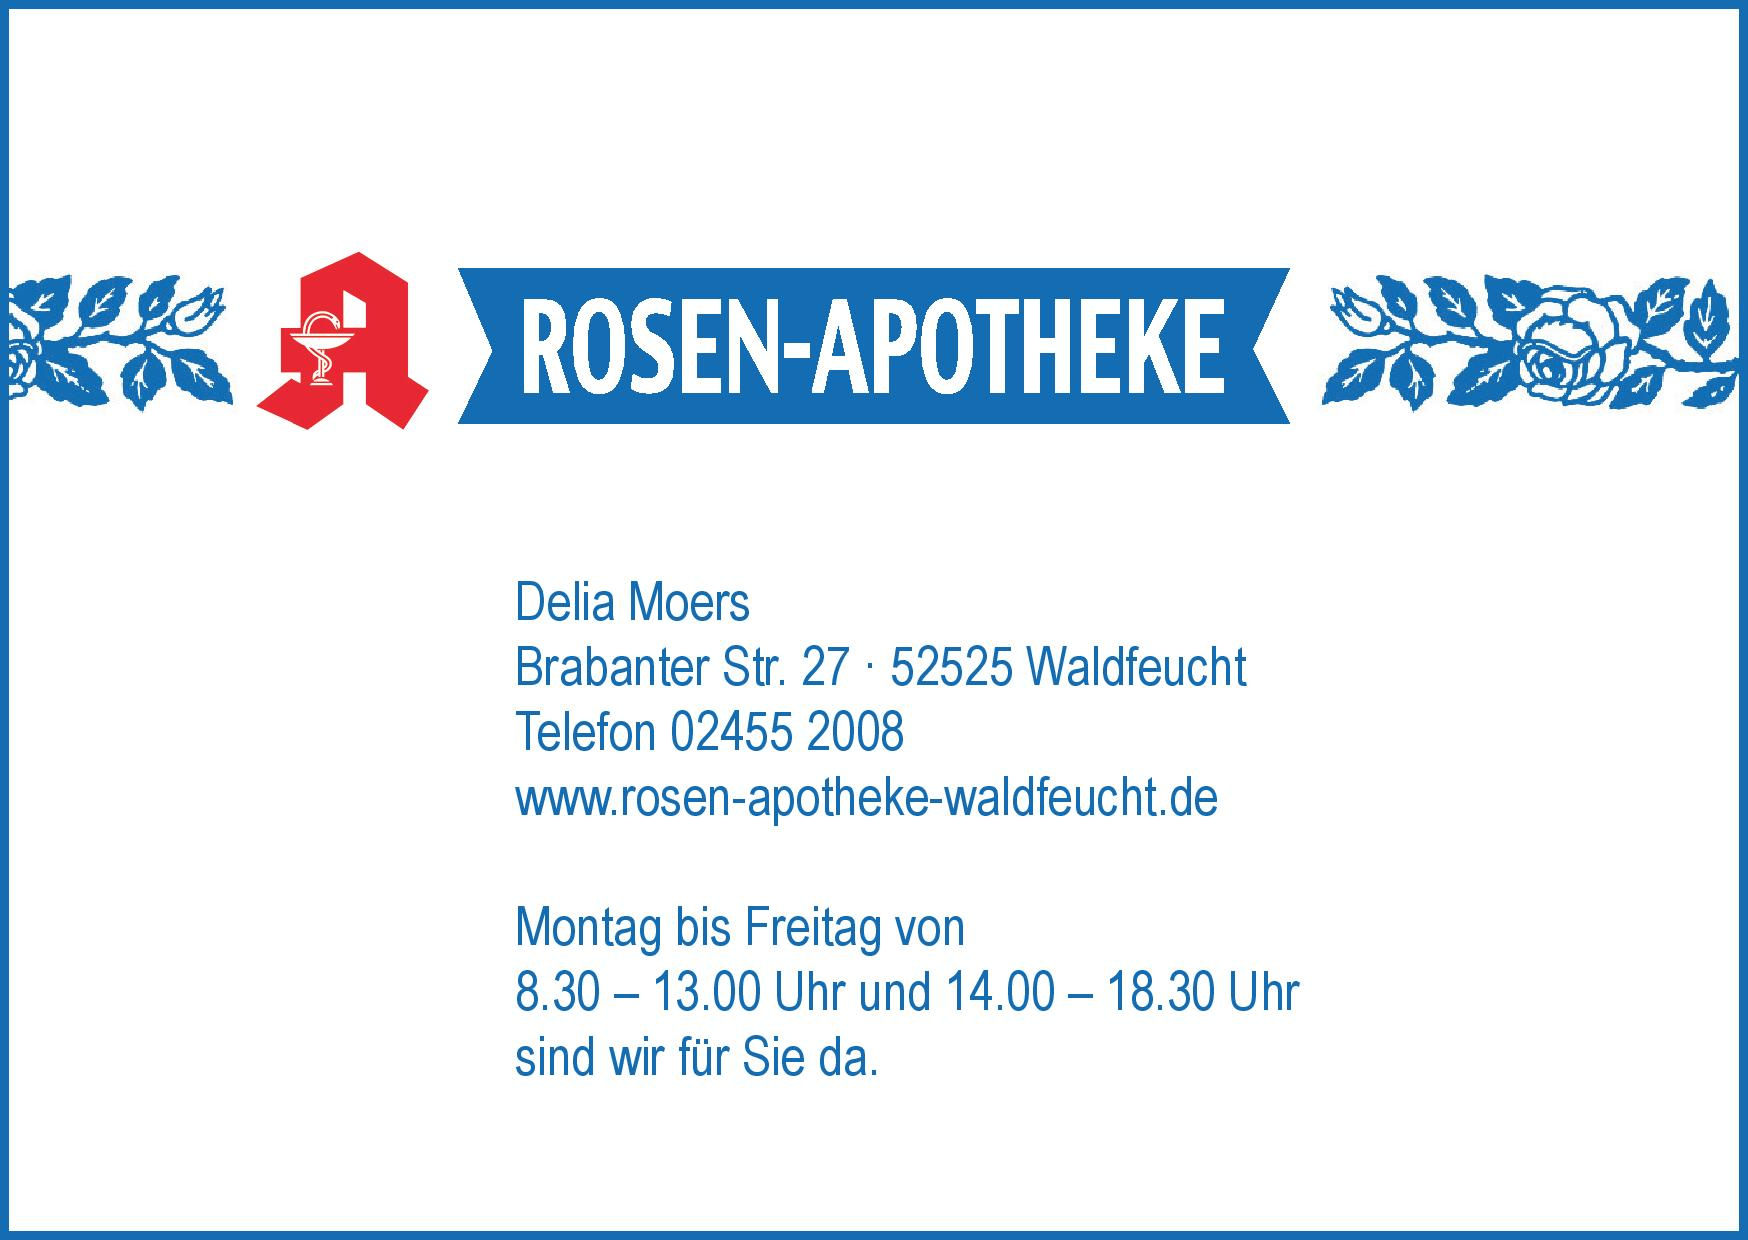 Rosen-Apotheke Waldfeucht